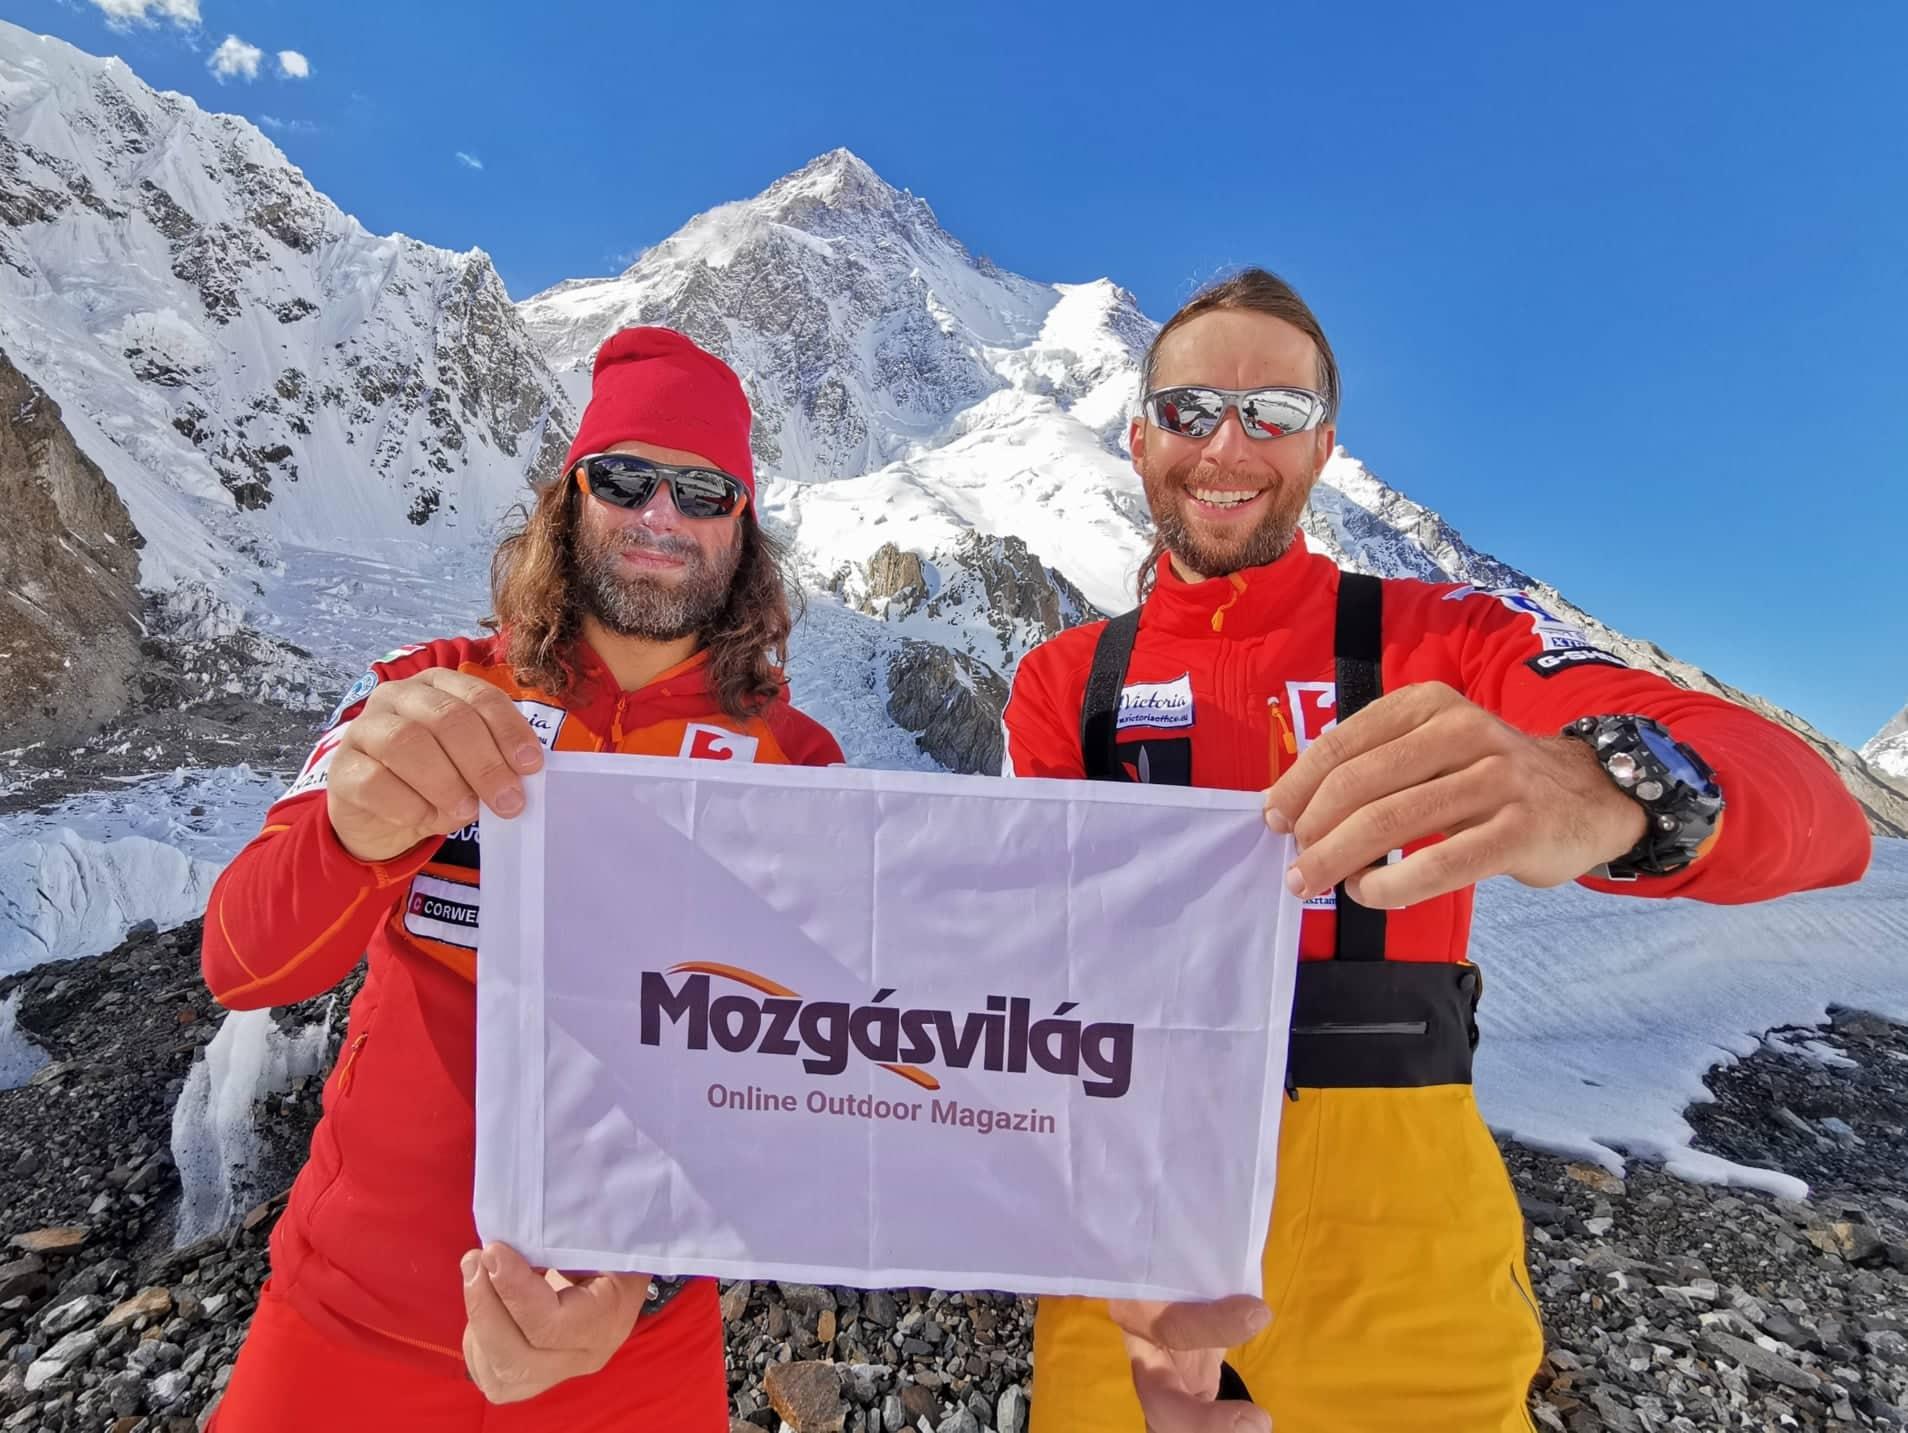 A magyar K2 expedíció online szakmai médiapartnere a Mozgásvilág